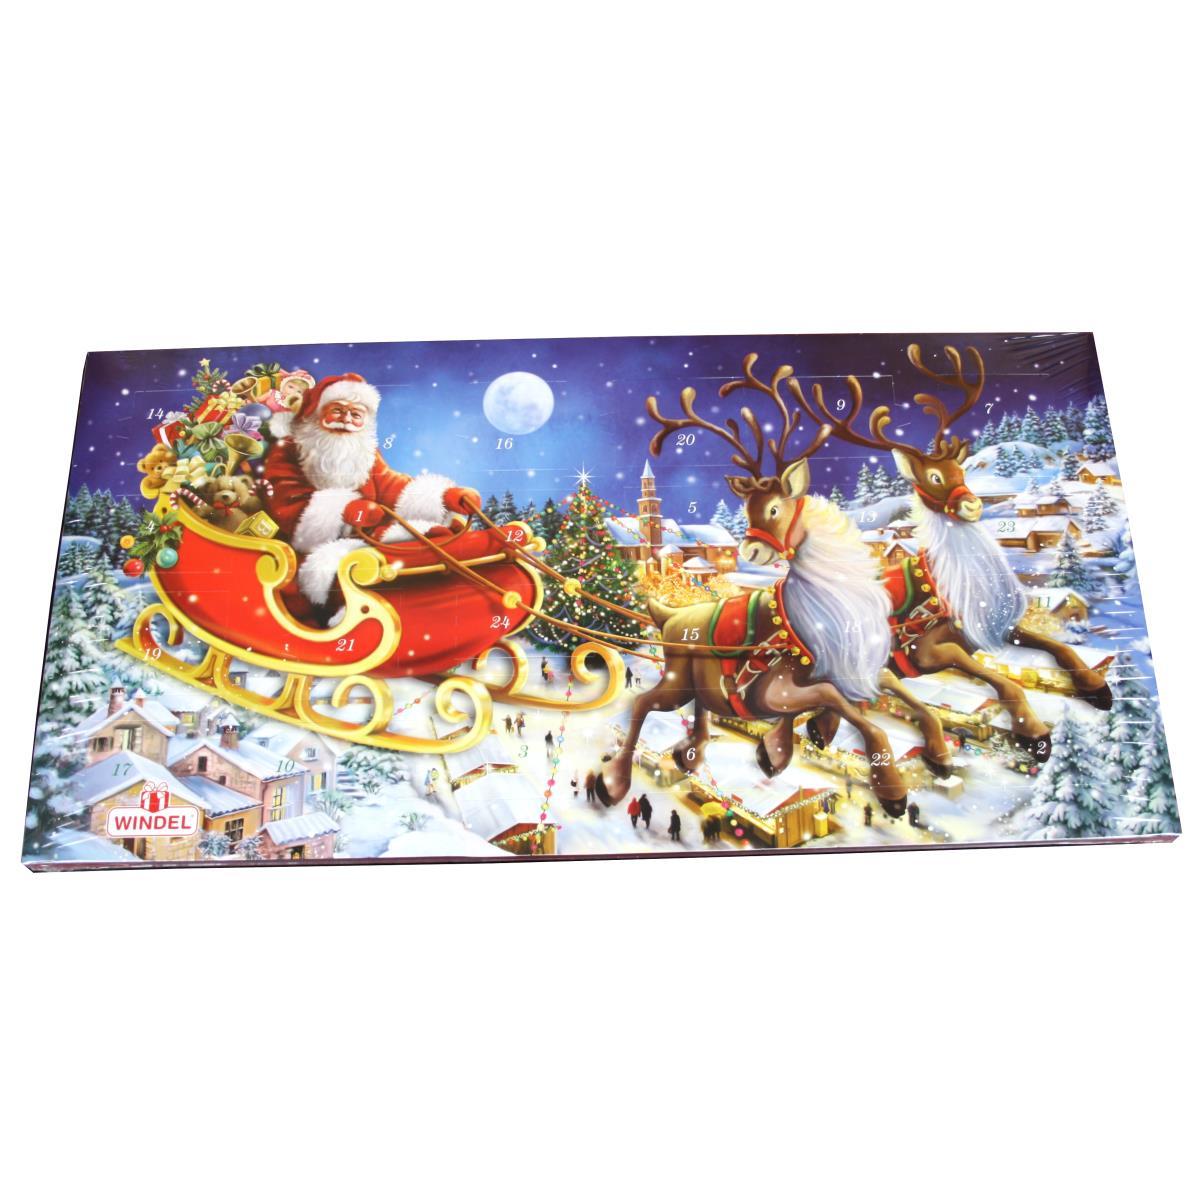 Windel Weihnachtskalender.Windel Adventskalender 250g Vollmilchschokolade Kalender